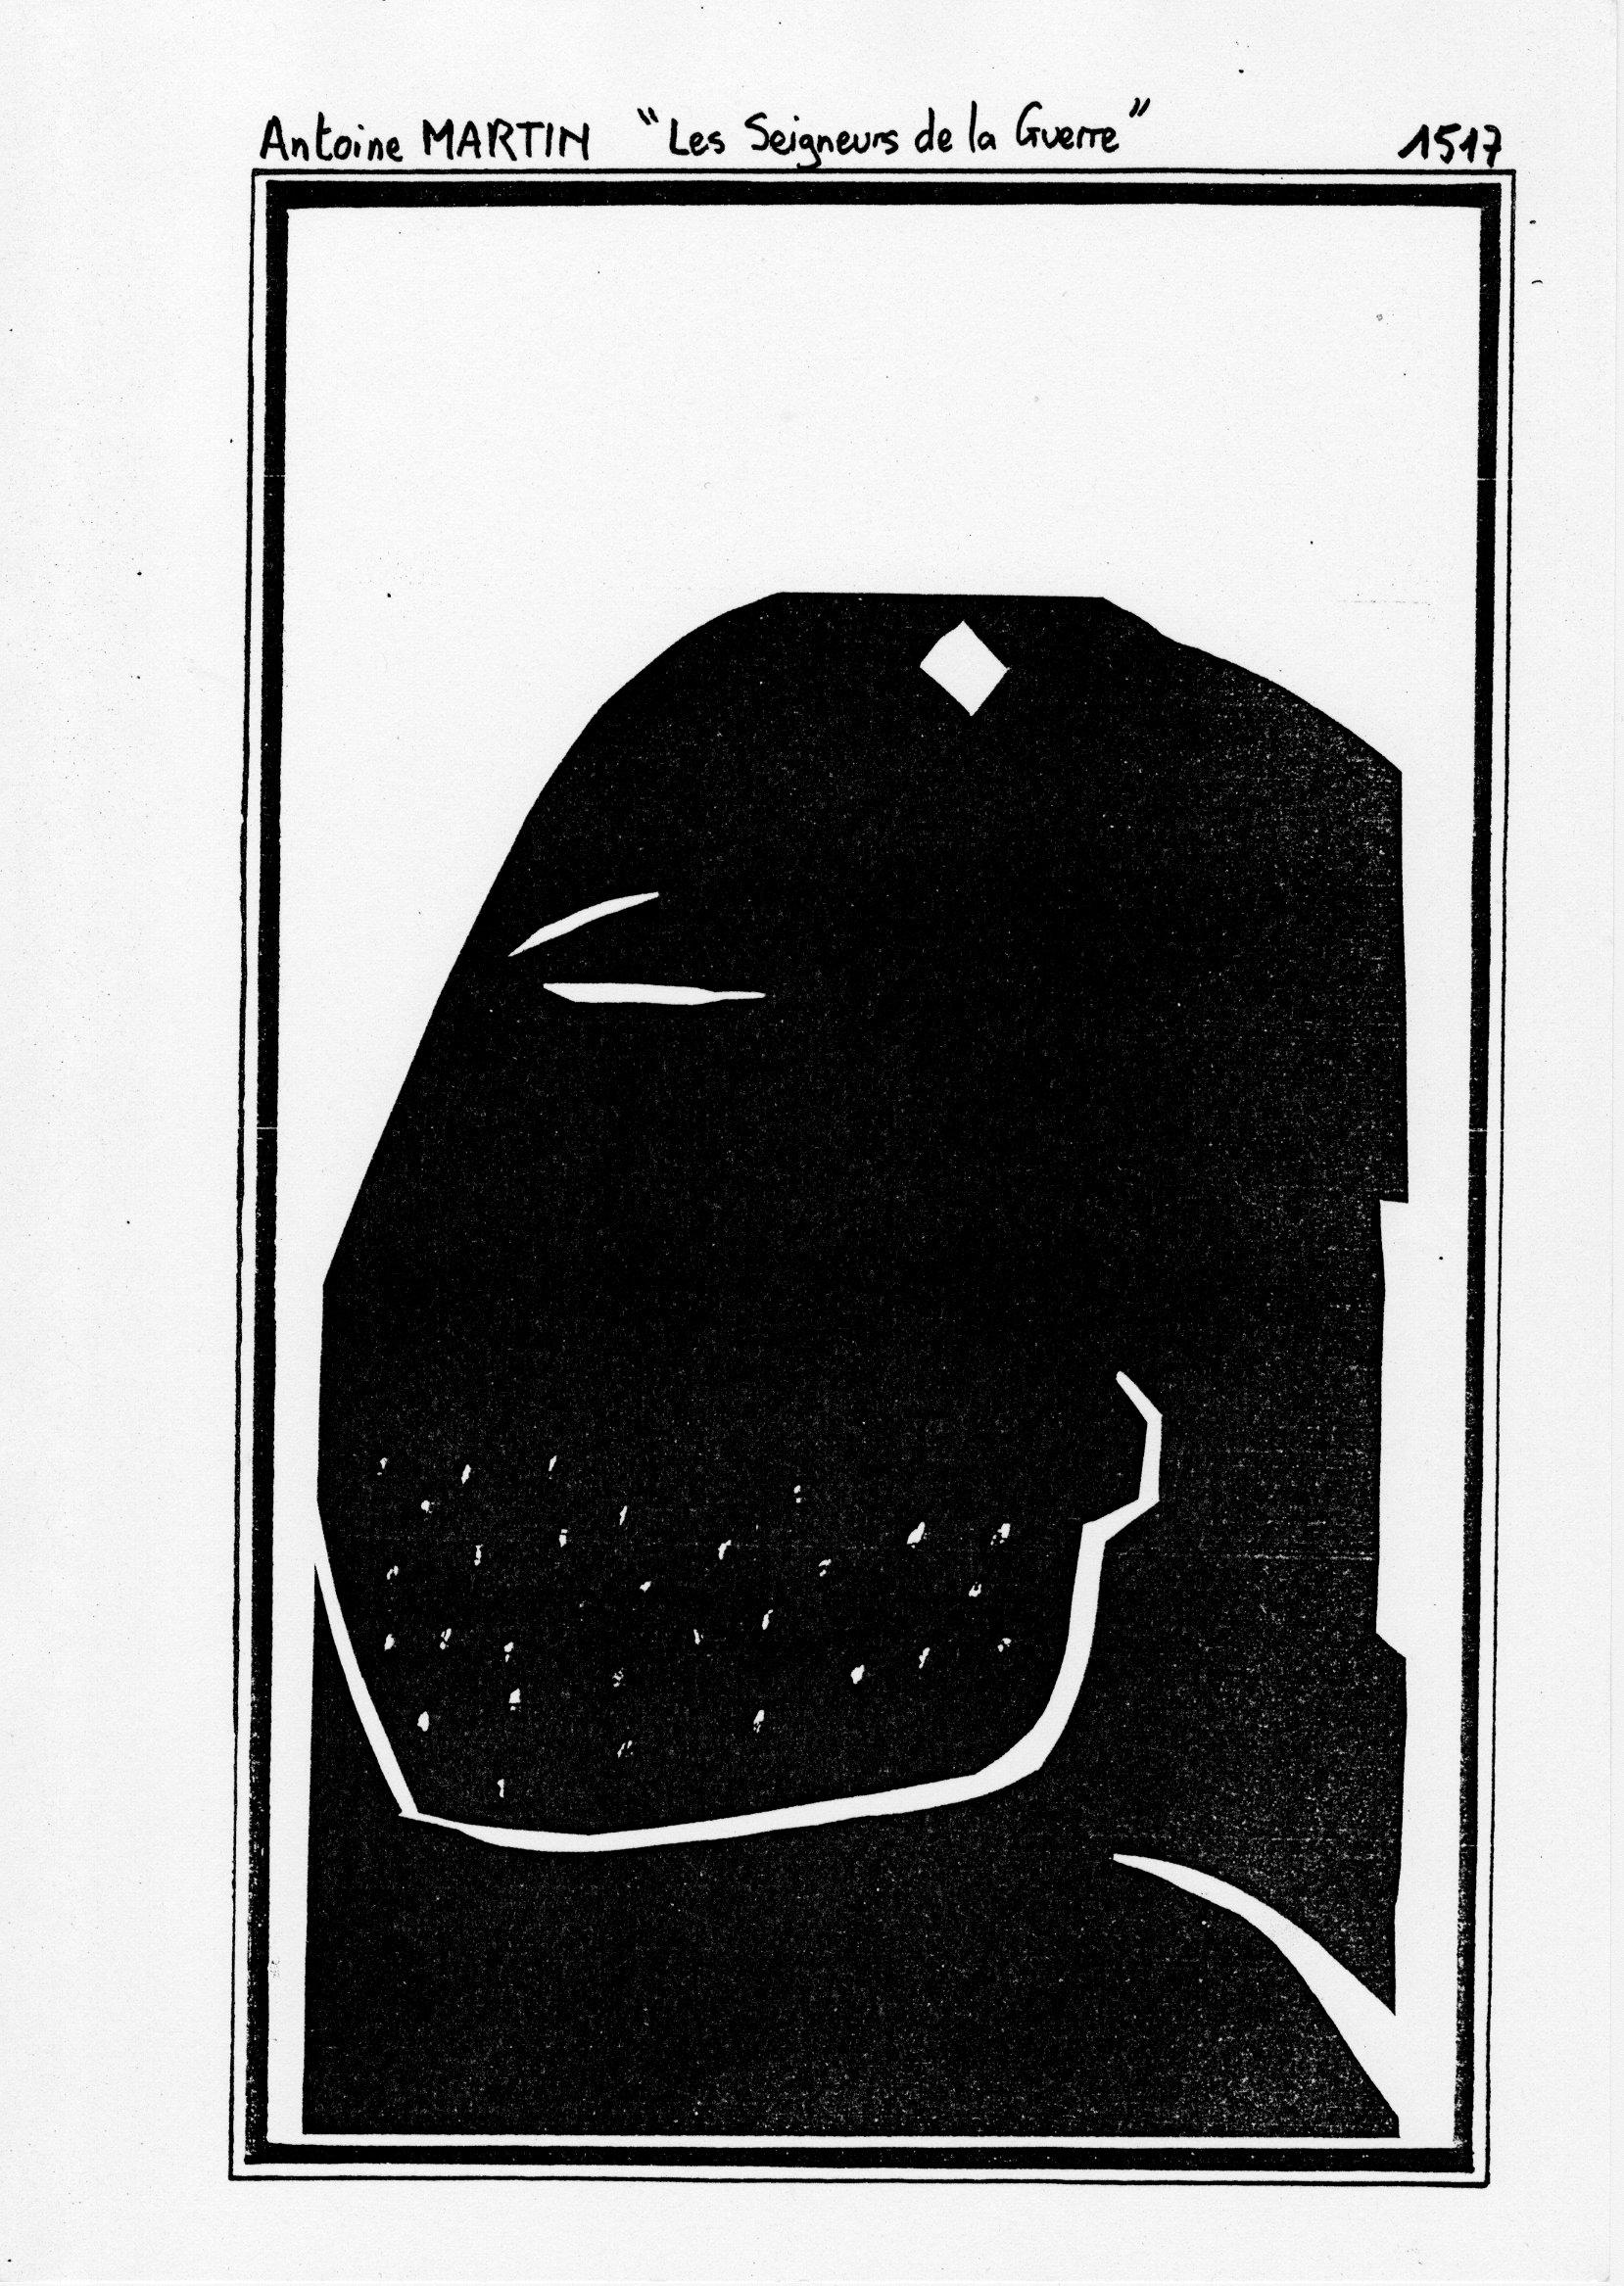 page 1517 A. Martin LES SEIGNEURS DE LA GUERRE